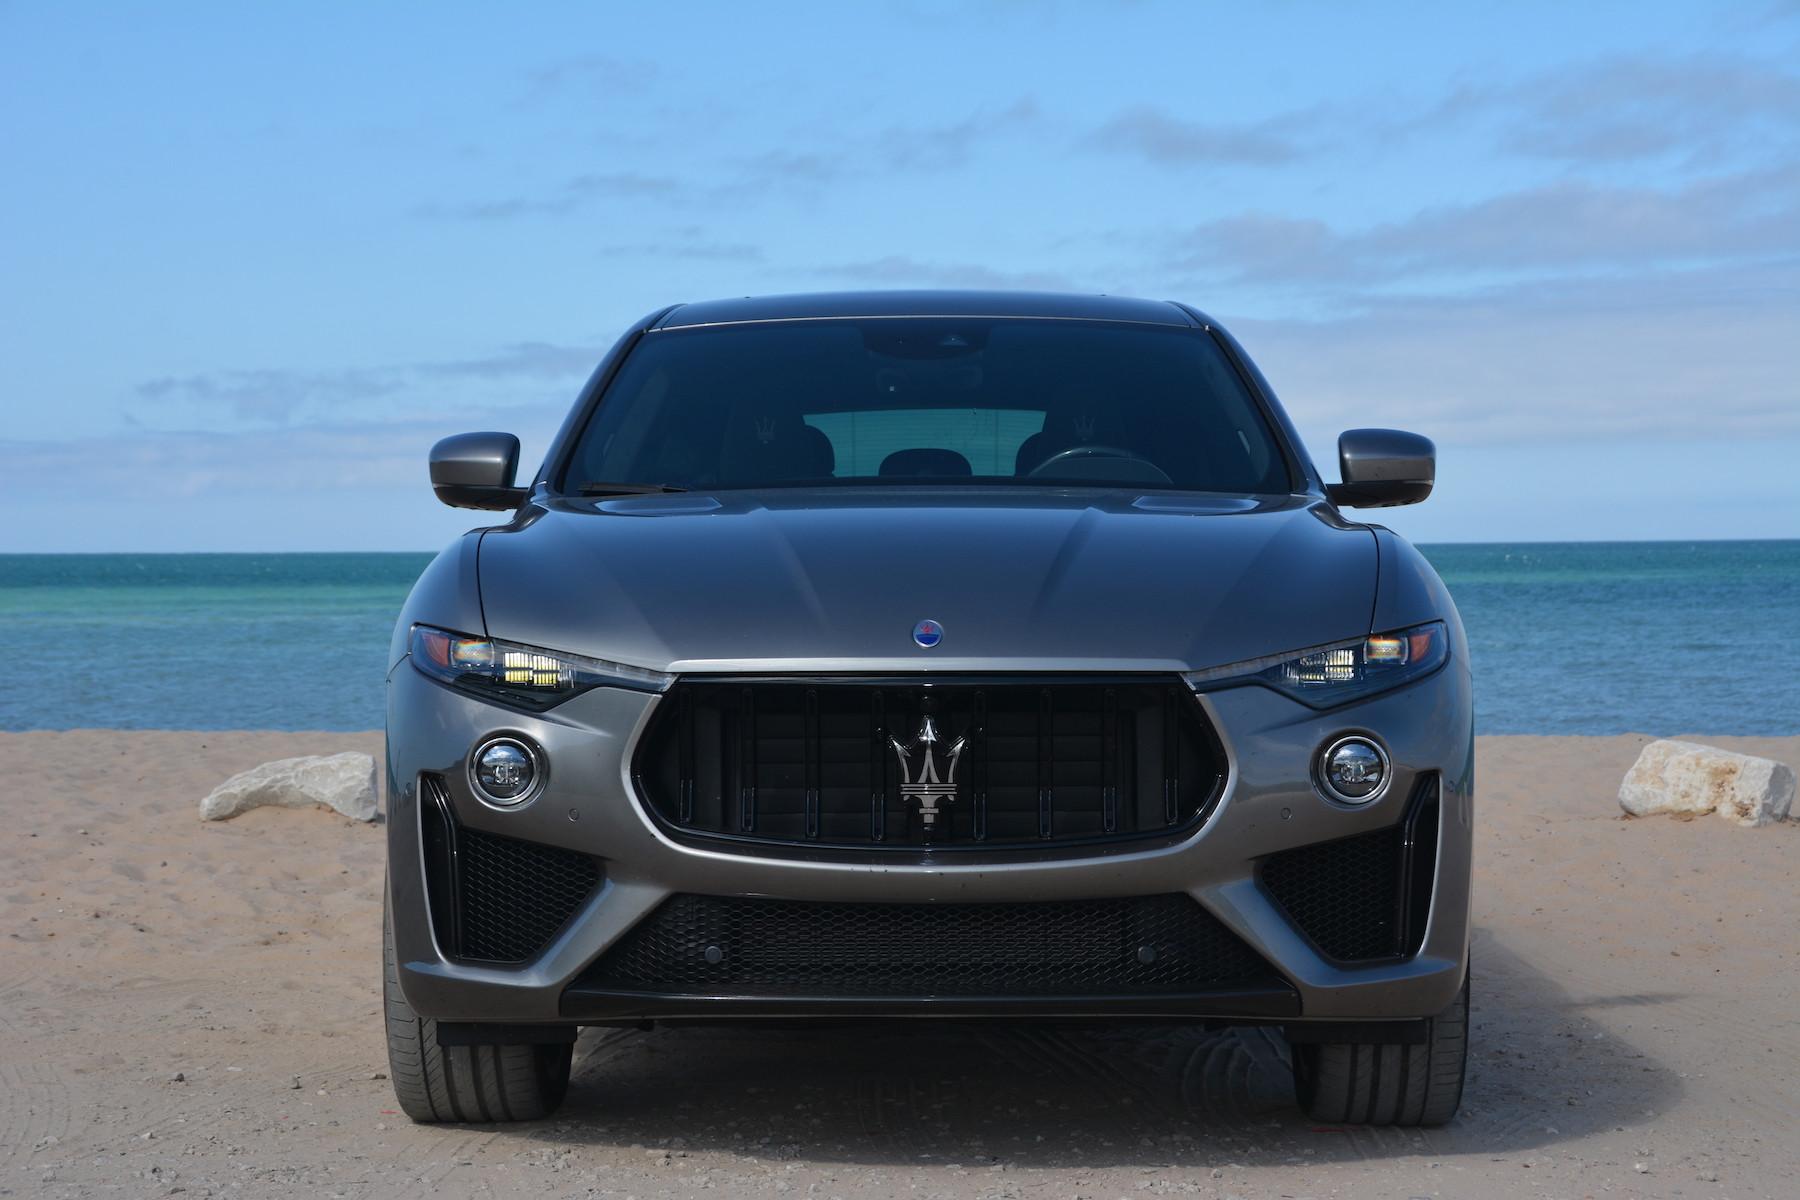 Maserati Levante Trofeo Front View